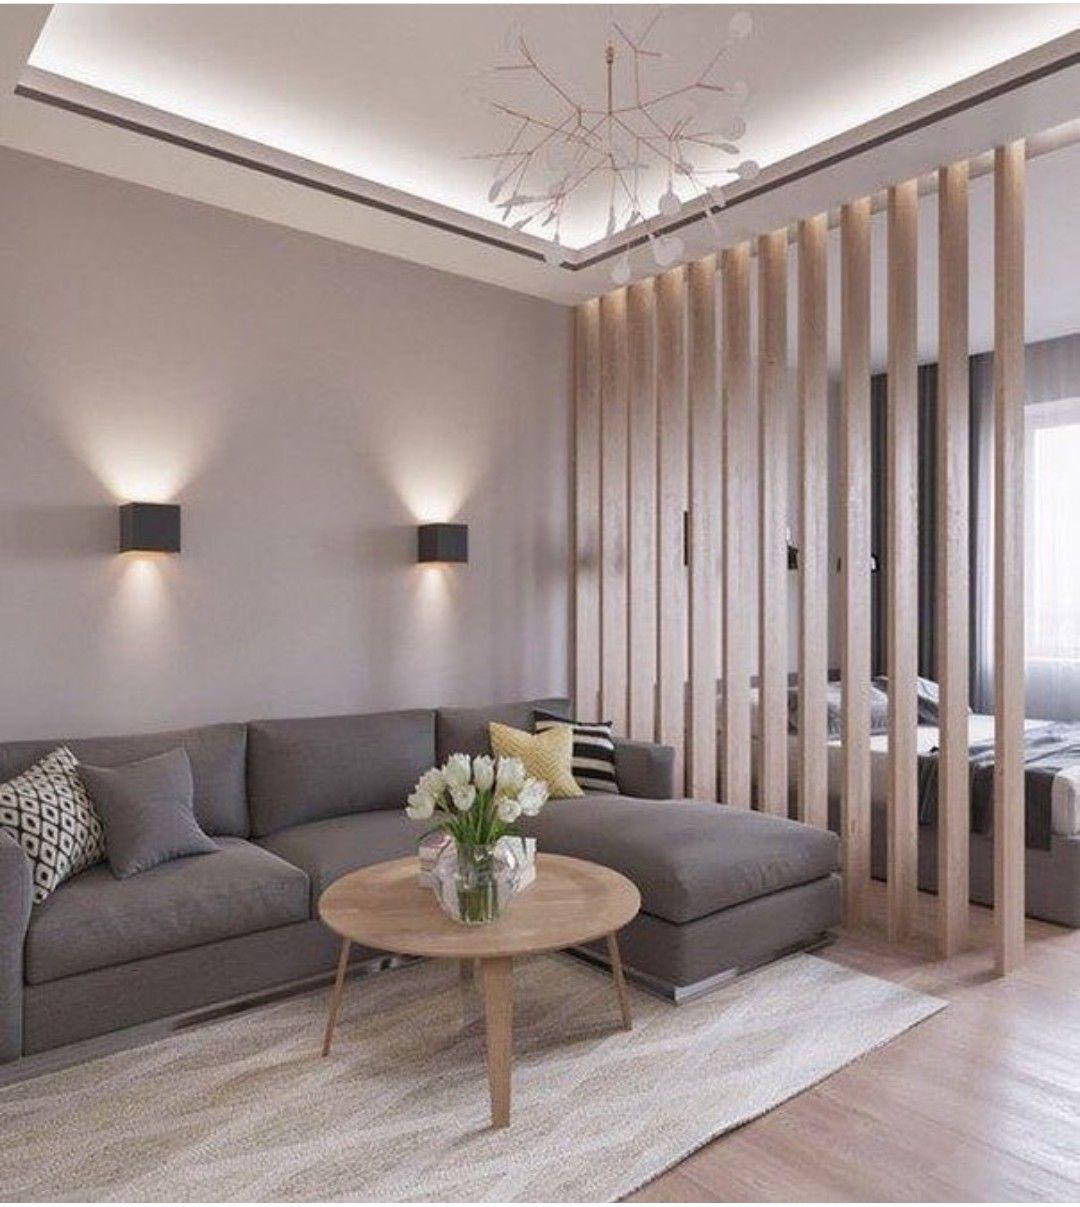 اثاث اثاث مودرن اثاث ايكيا أثاث منزلي اثاثكم ديكورات خارجية ديكورات Contemporary Decor Living Room Living Room Decor Modern Living Room Divider